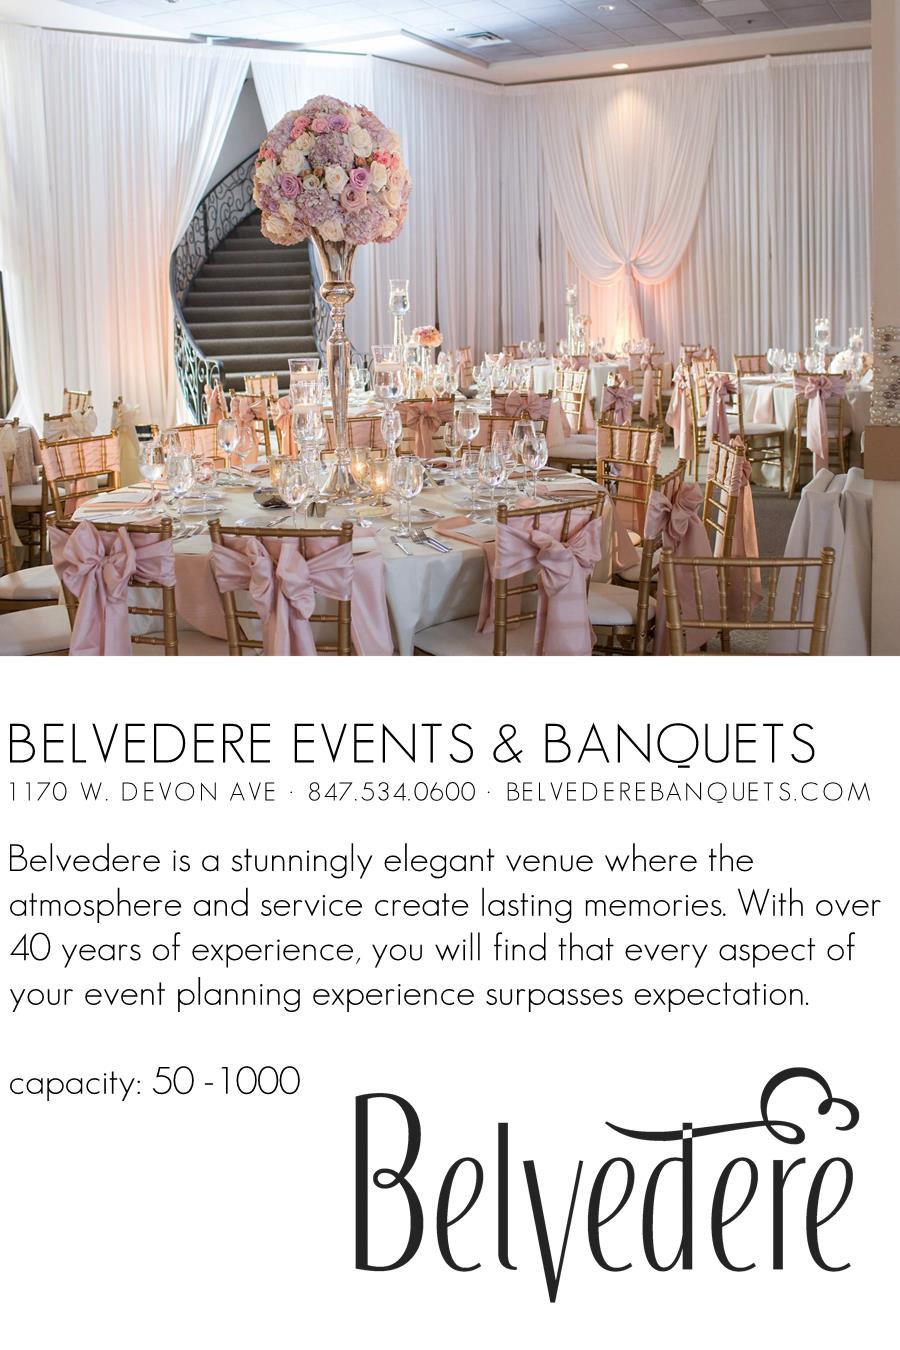 Modern Luxury Ad (Belvedere)